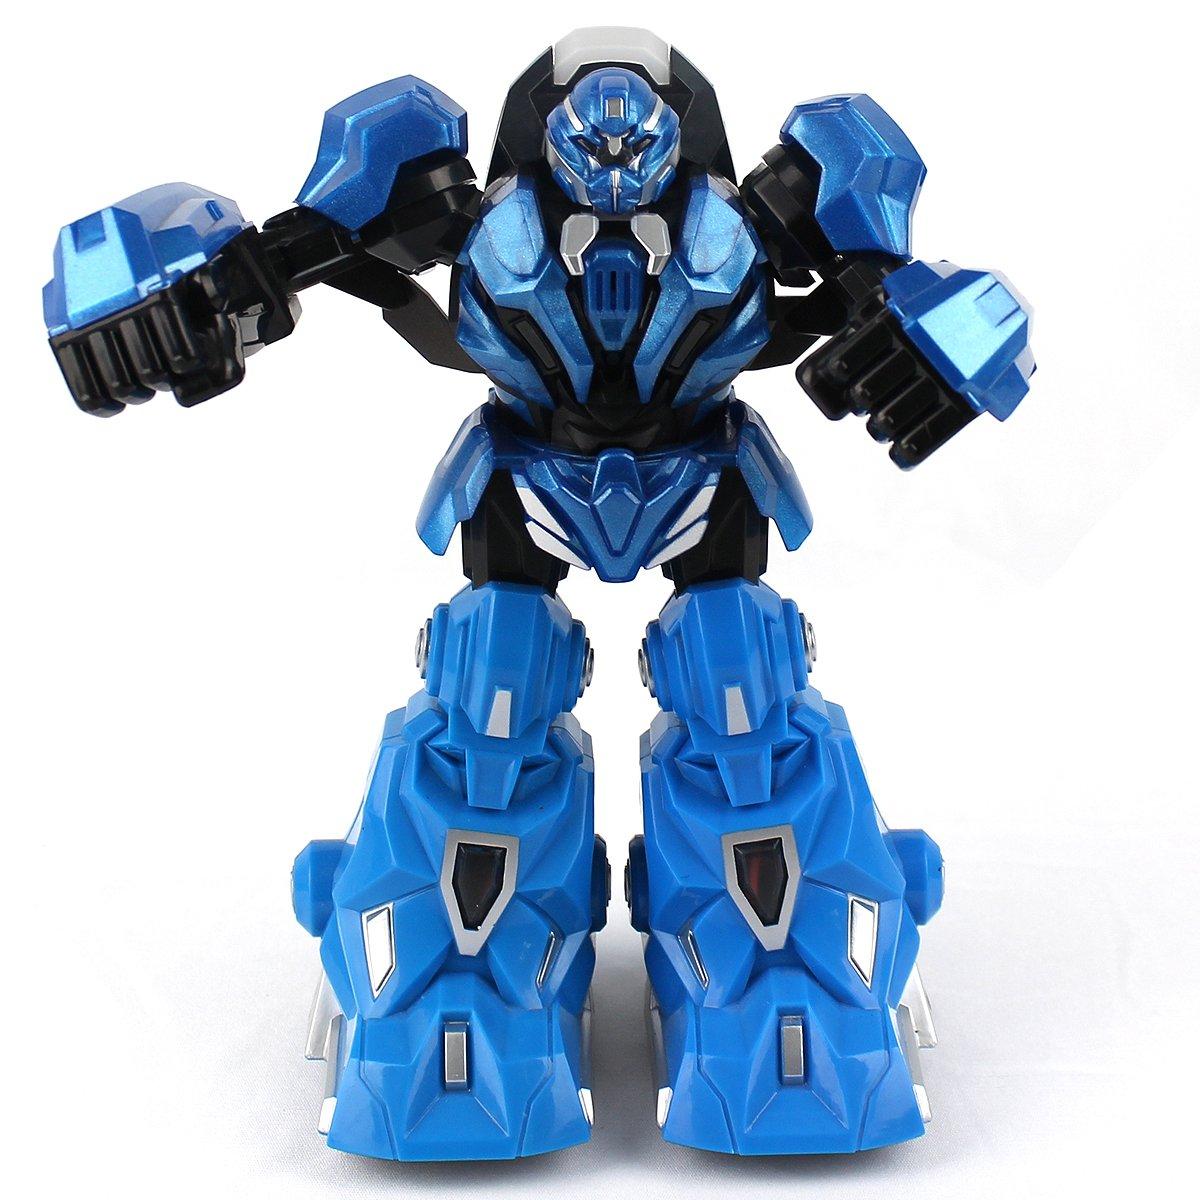 4g体感遥控格斗对打对战拳击机器人玩具变形金刚(蓝色)